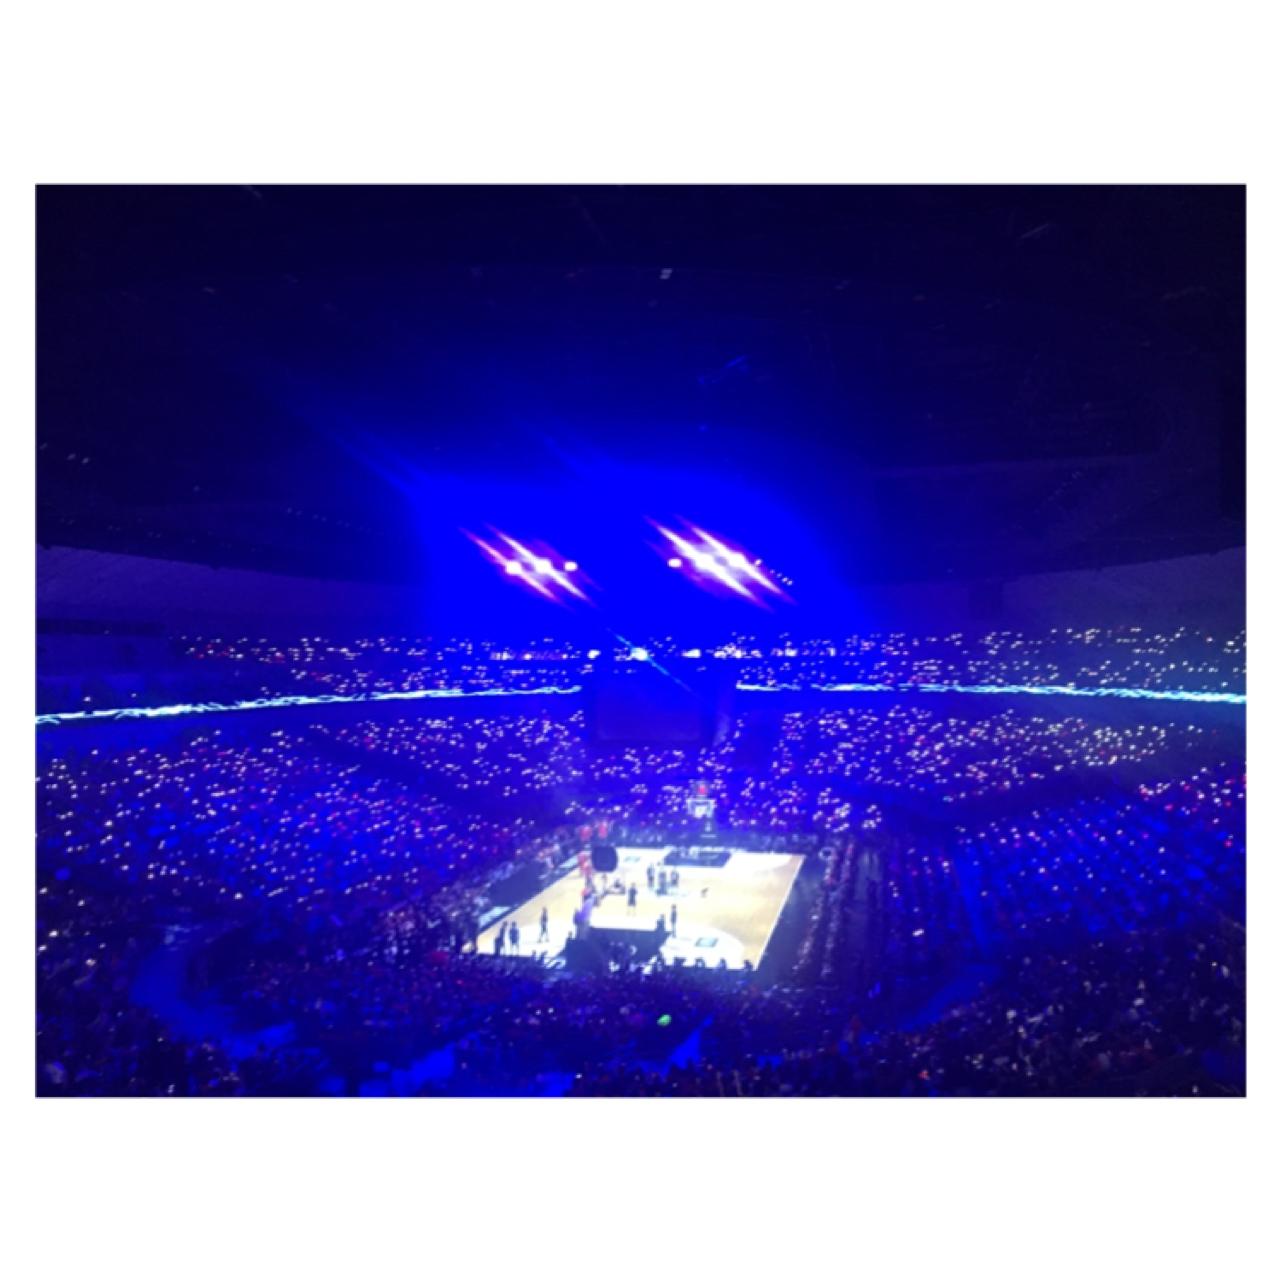 【スポーツ観戦しよう!】今熱い!話題のバスケットボール、解説します❤︎_1